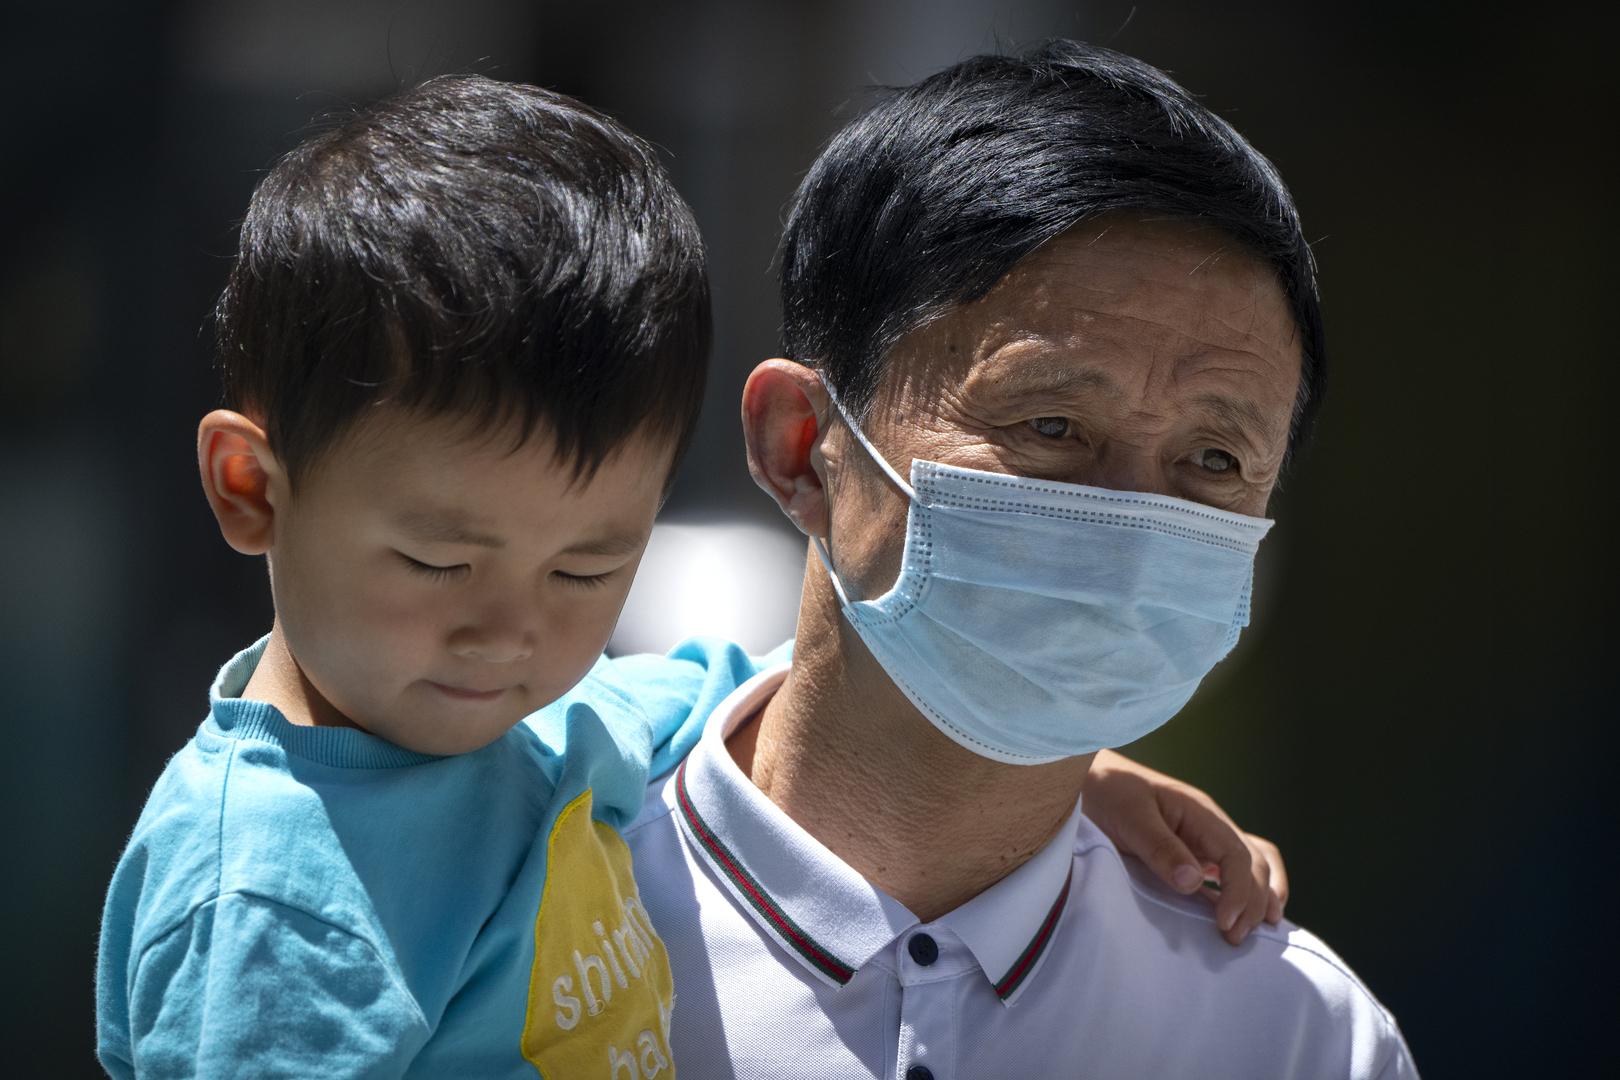 مدينة صينية تغلق حيا بالكامل وتأمر السكان بالبقاء في منازلهم